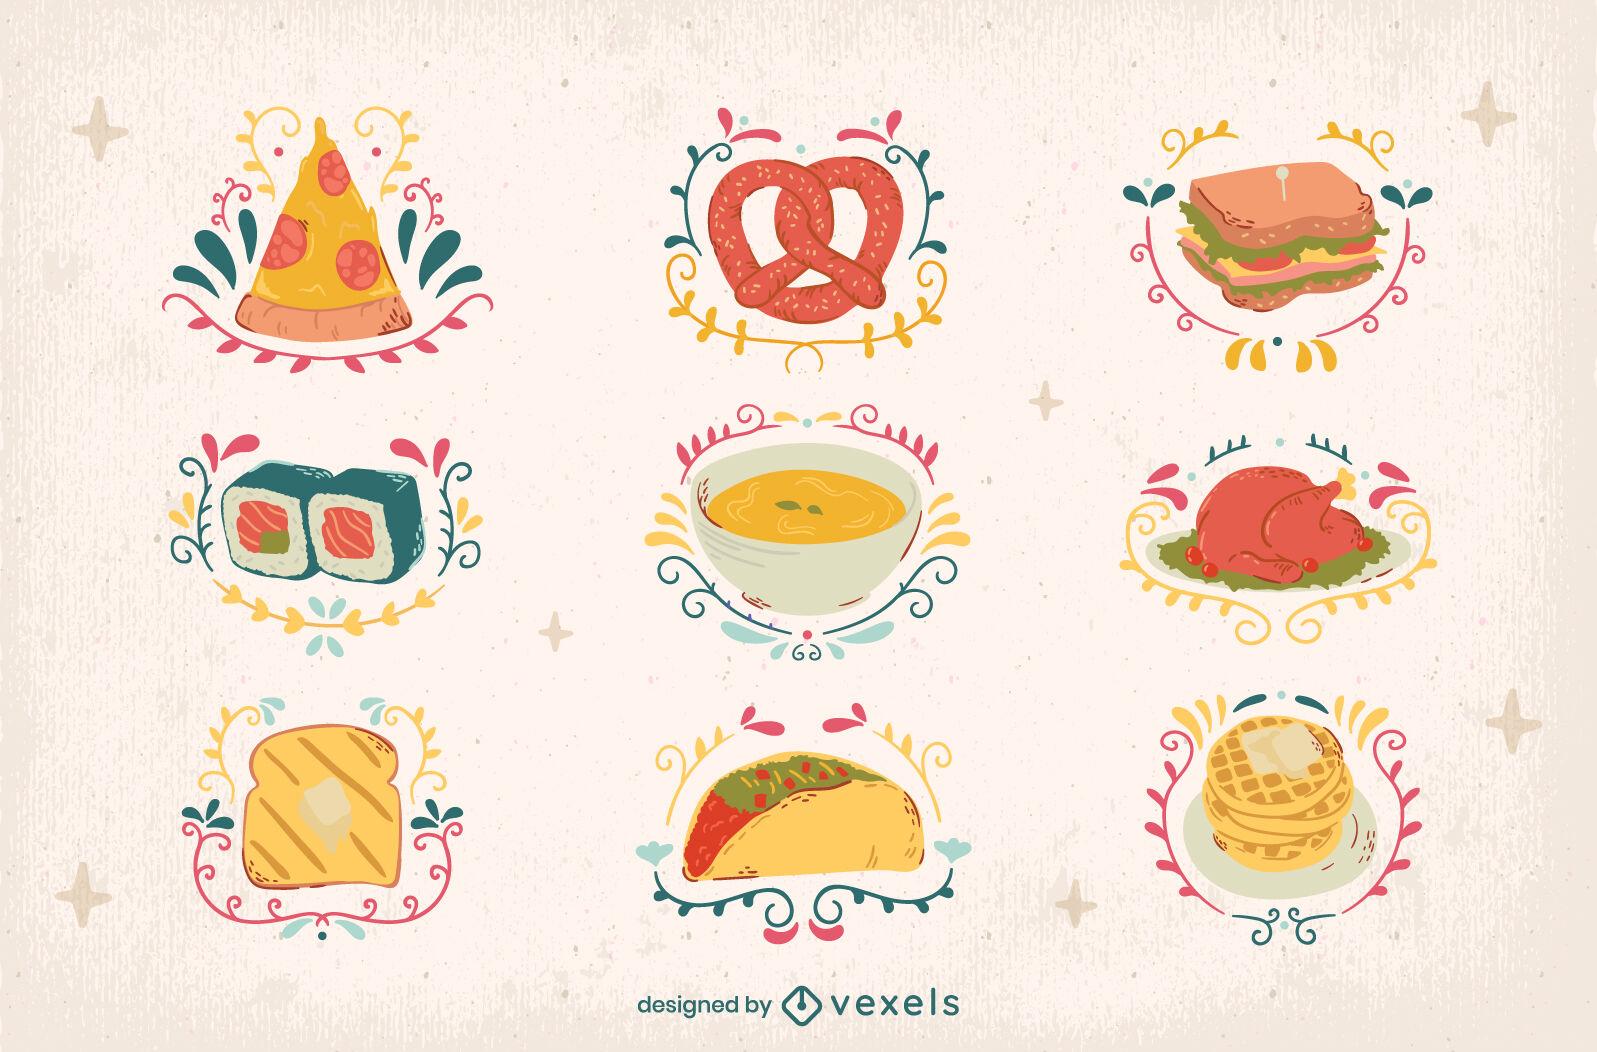 Ilustraciones de elementos de comida y comida ornamentados